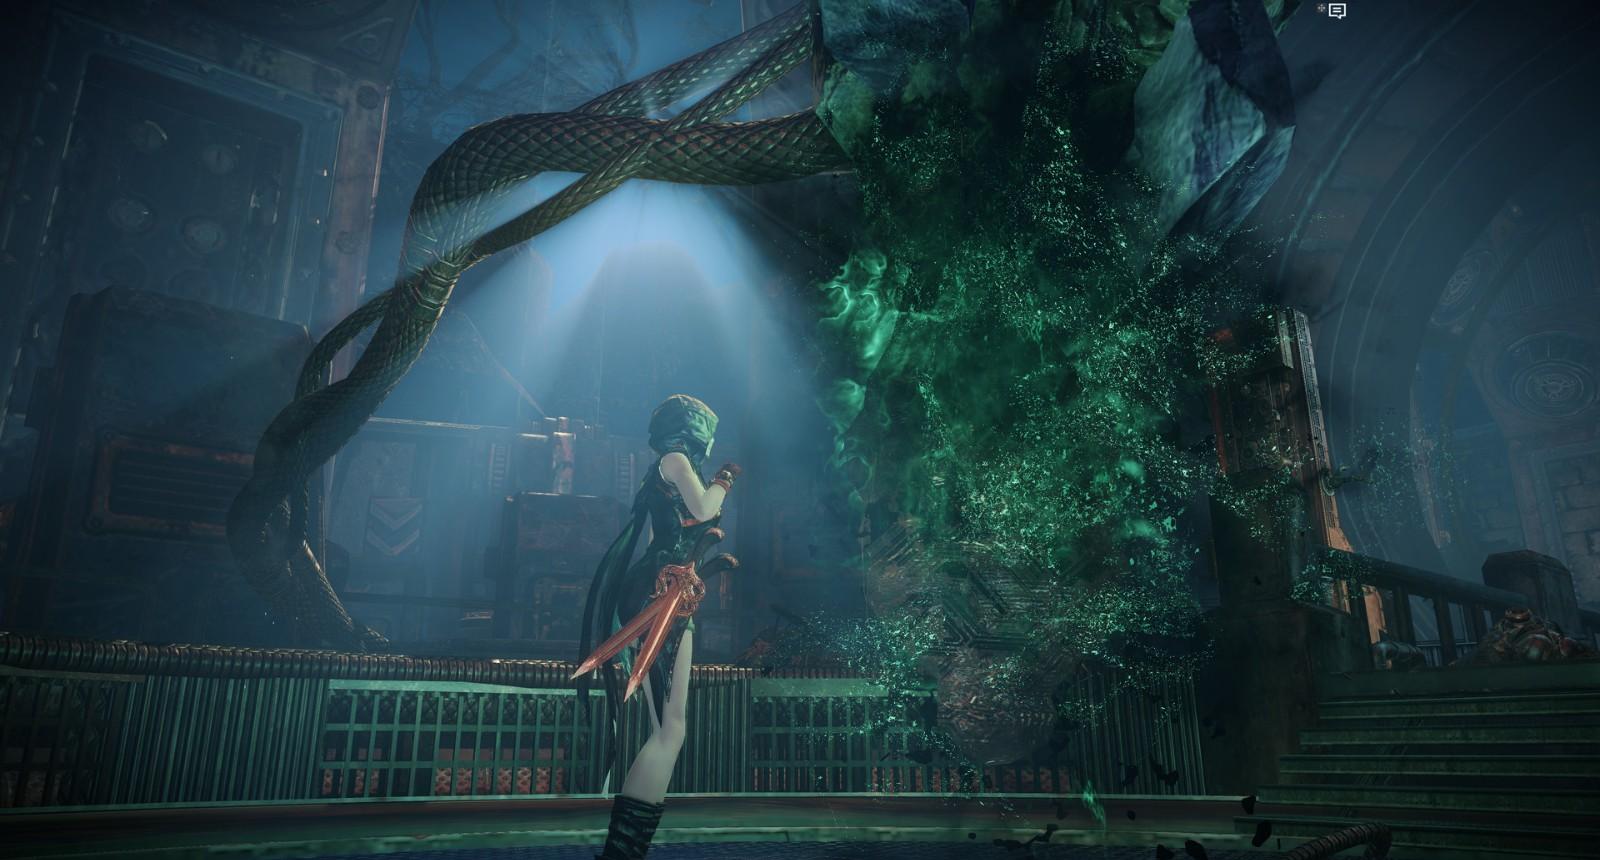 《绝地求生》开发商新作《Elyon》Steam开启预购  第5张